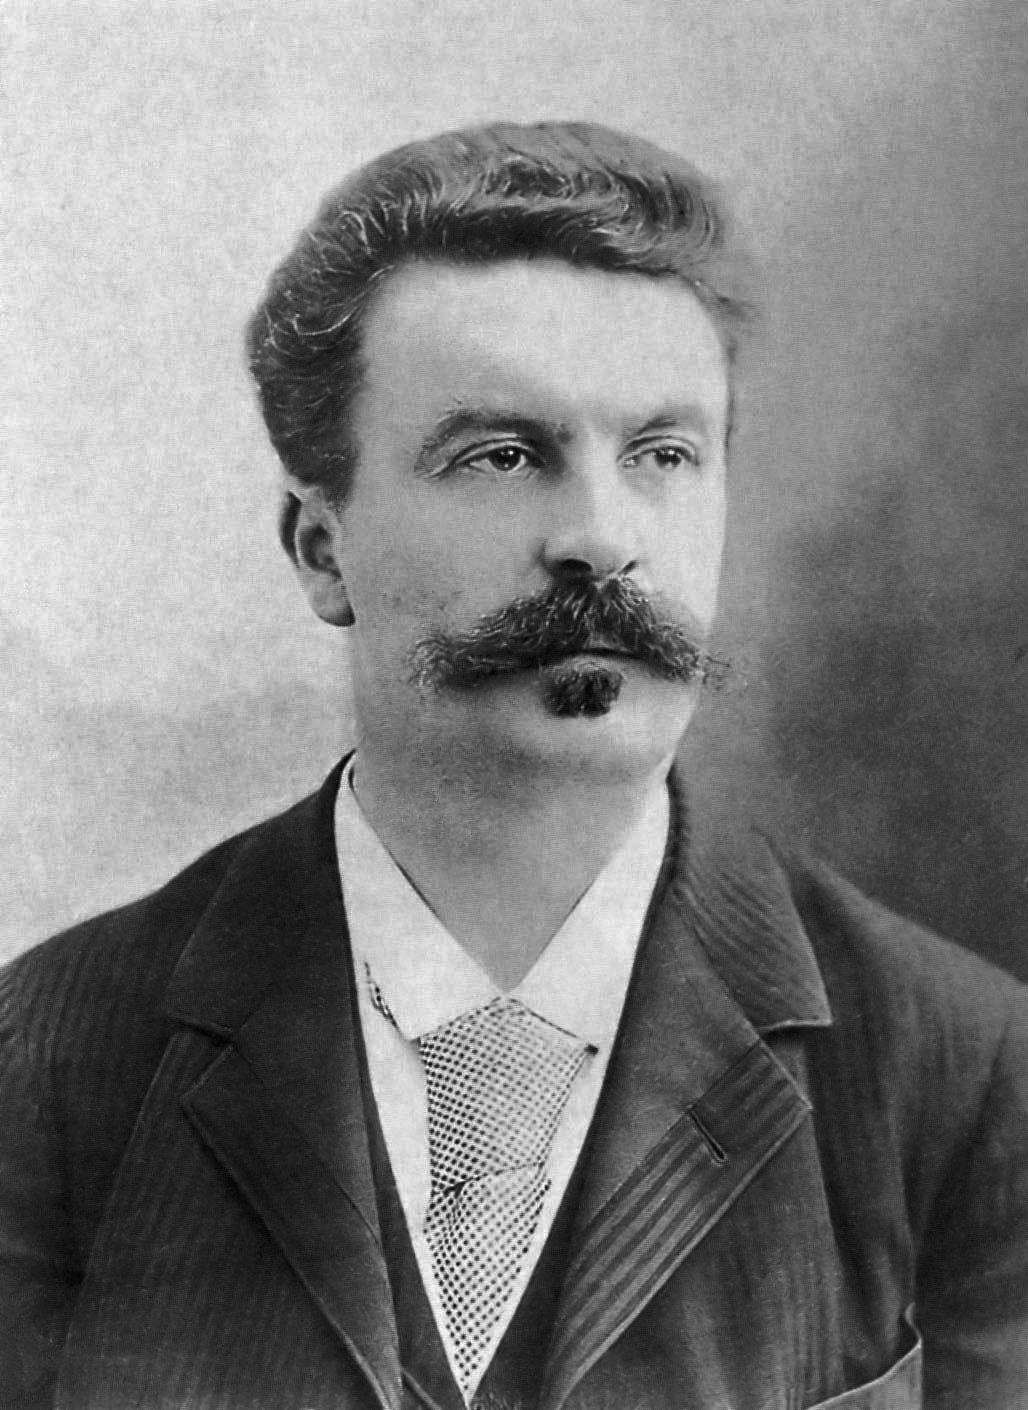 """""""Alleluja! Mam syfa"""" - zakrzyknął podobno Guy de Maupassant na wieść o swojej chorobie. Był dumny z tego, że zmaga się właśnie z kiłą, a nie - z jakimiś """"świętoszkowatymi kłopocikami"""" (zdj. Félix Nadar, źródło: domena publiczna)."""